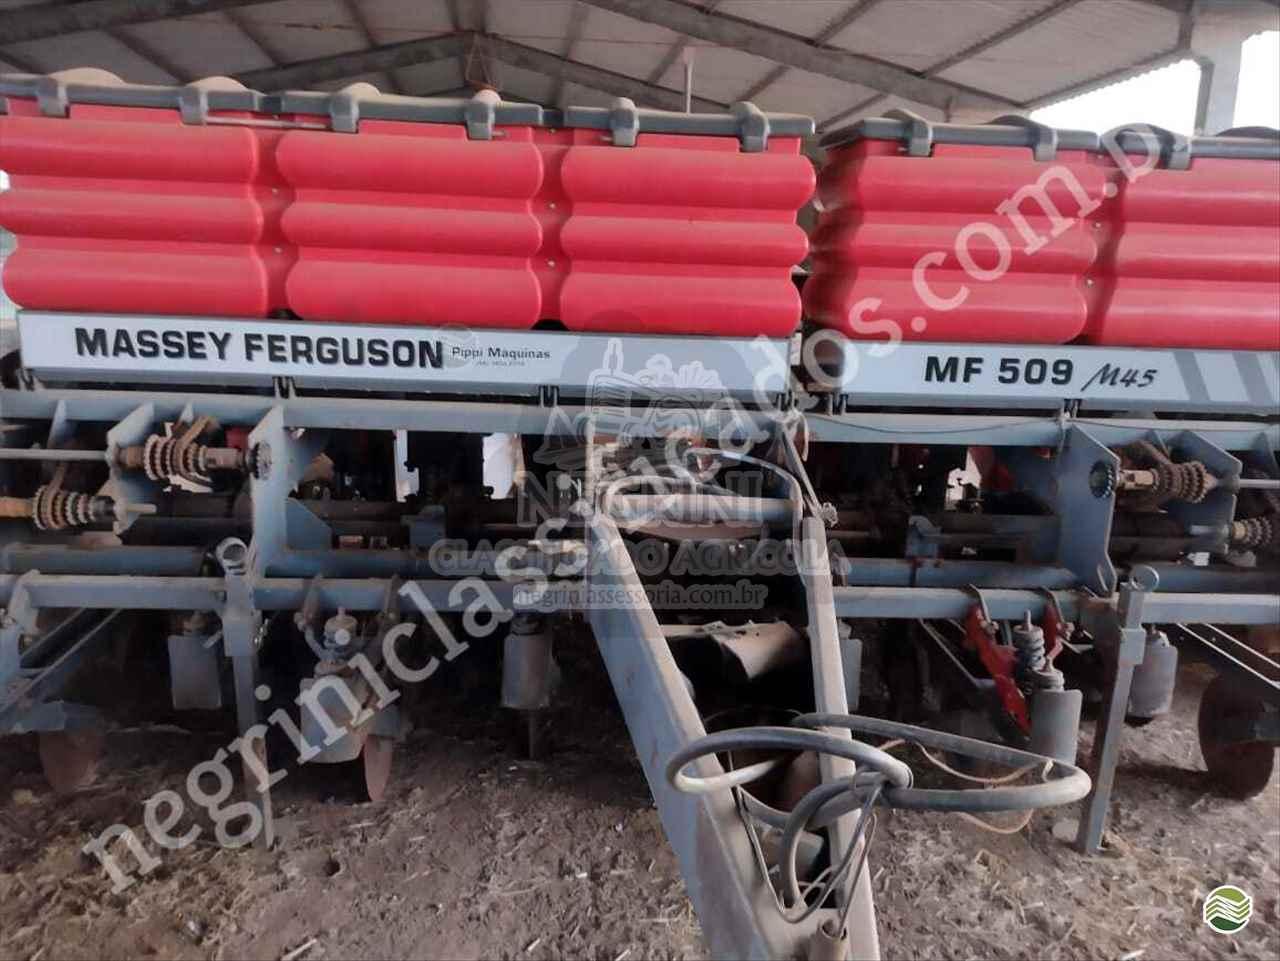 PLANTADEIRA MASSEY FERGUSON MF 509 Negrini Plantadeiras FLORESTA PARANÁ PR